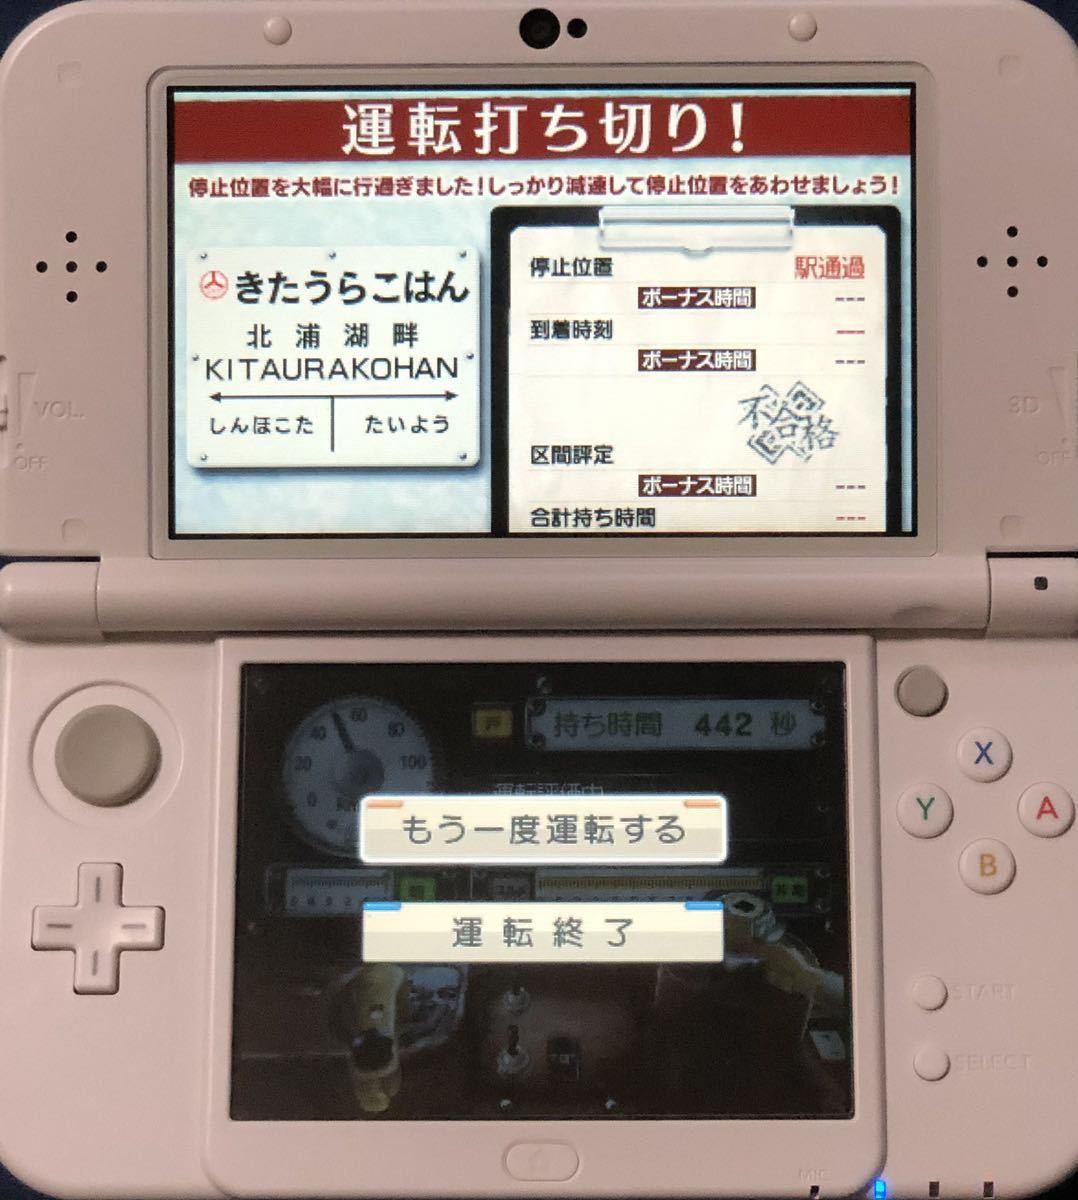 【動作確認画像有り】 3DS 鉄道にっぽん!路線たび 鹿島臨海鉄道編 ニンテンドー3DS ゲームソフト カセット 鉄道運転シミュレーション